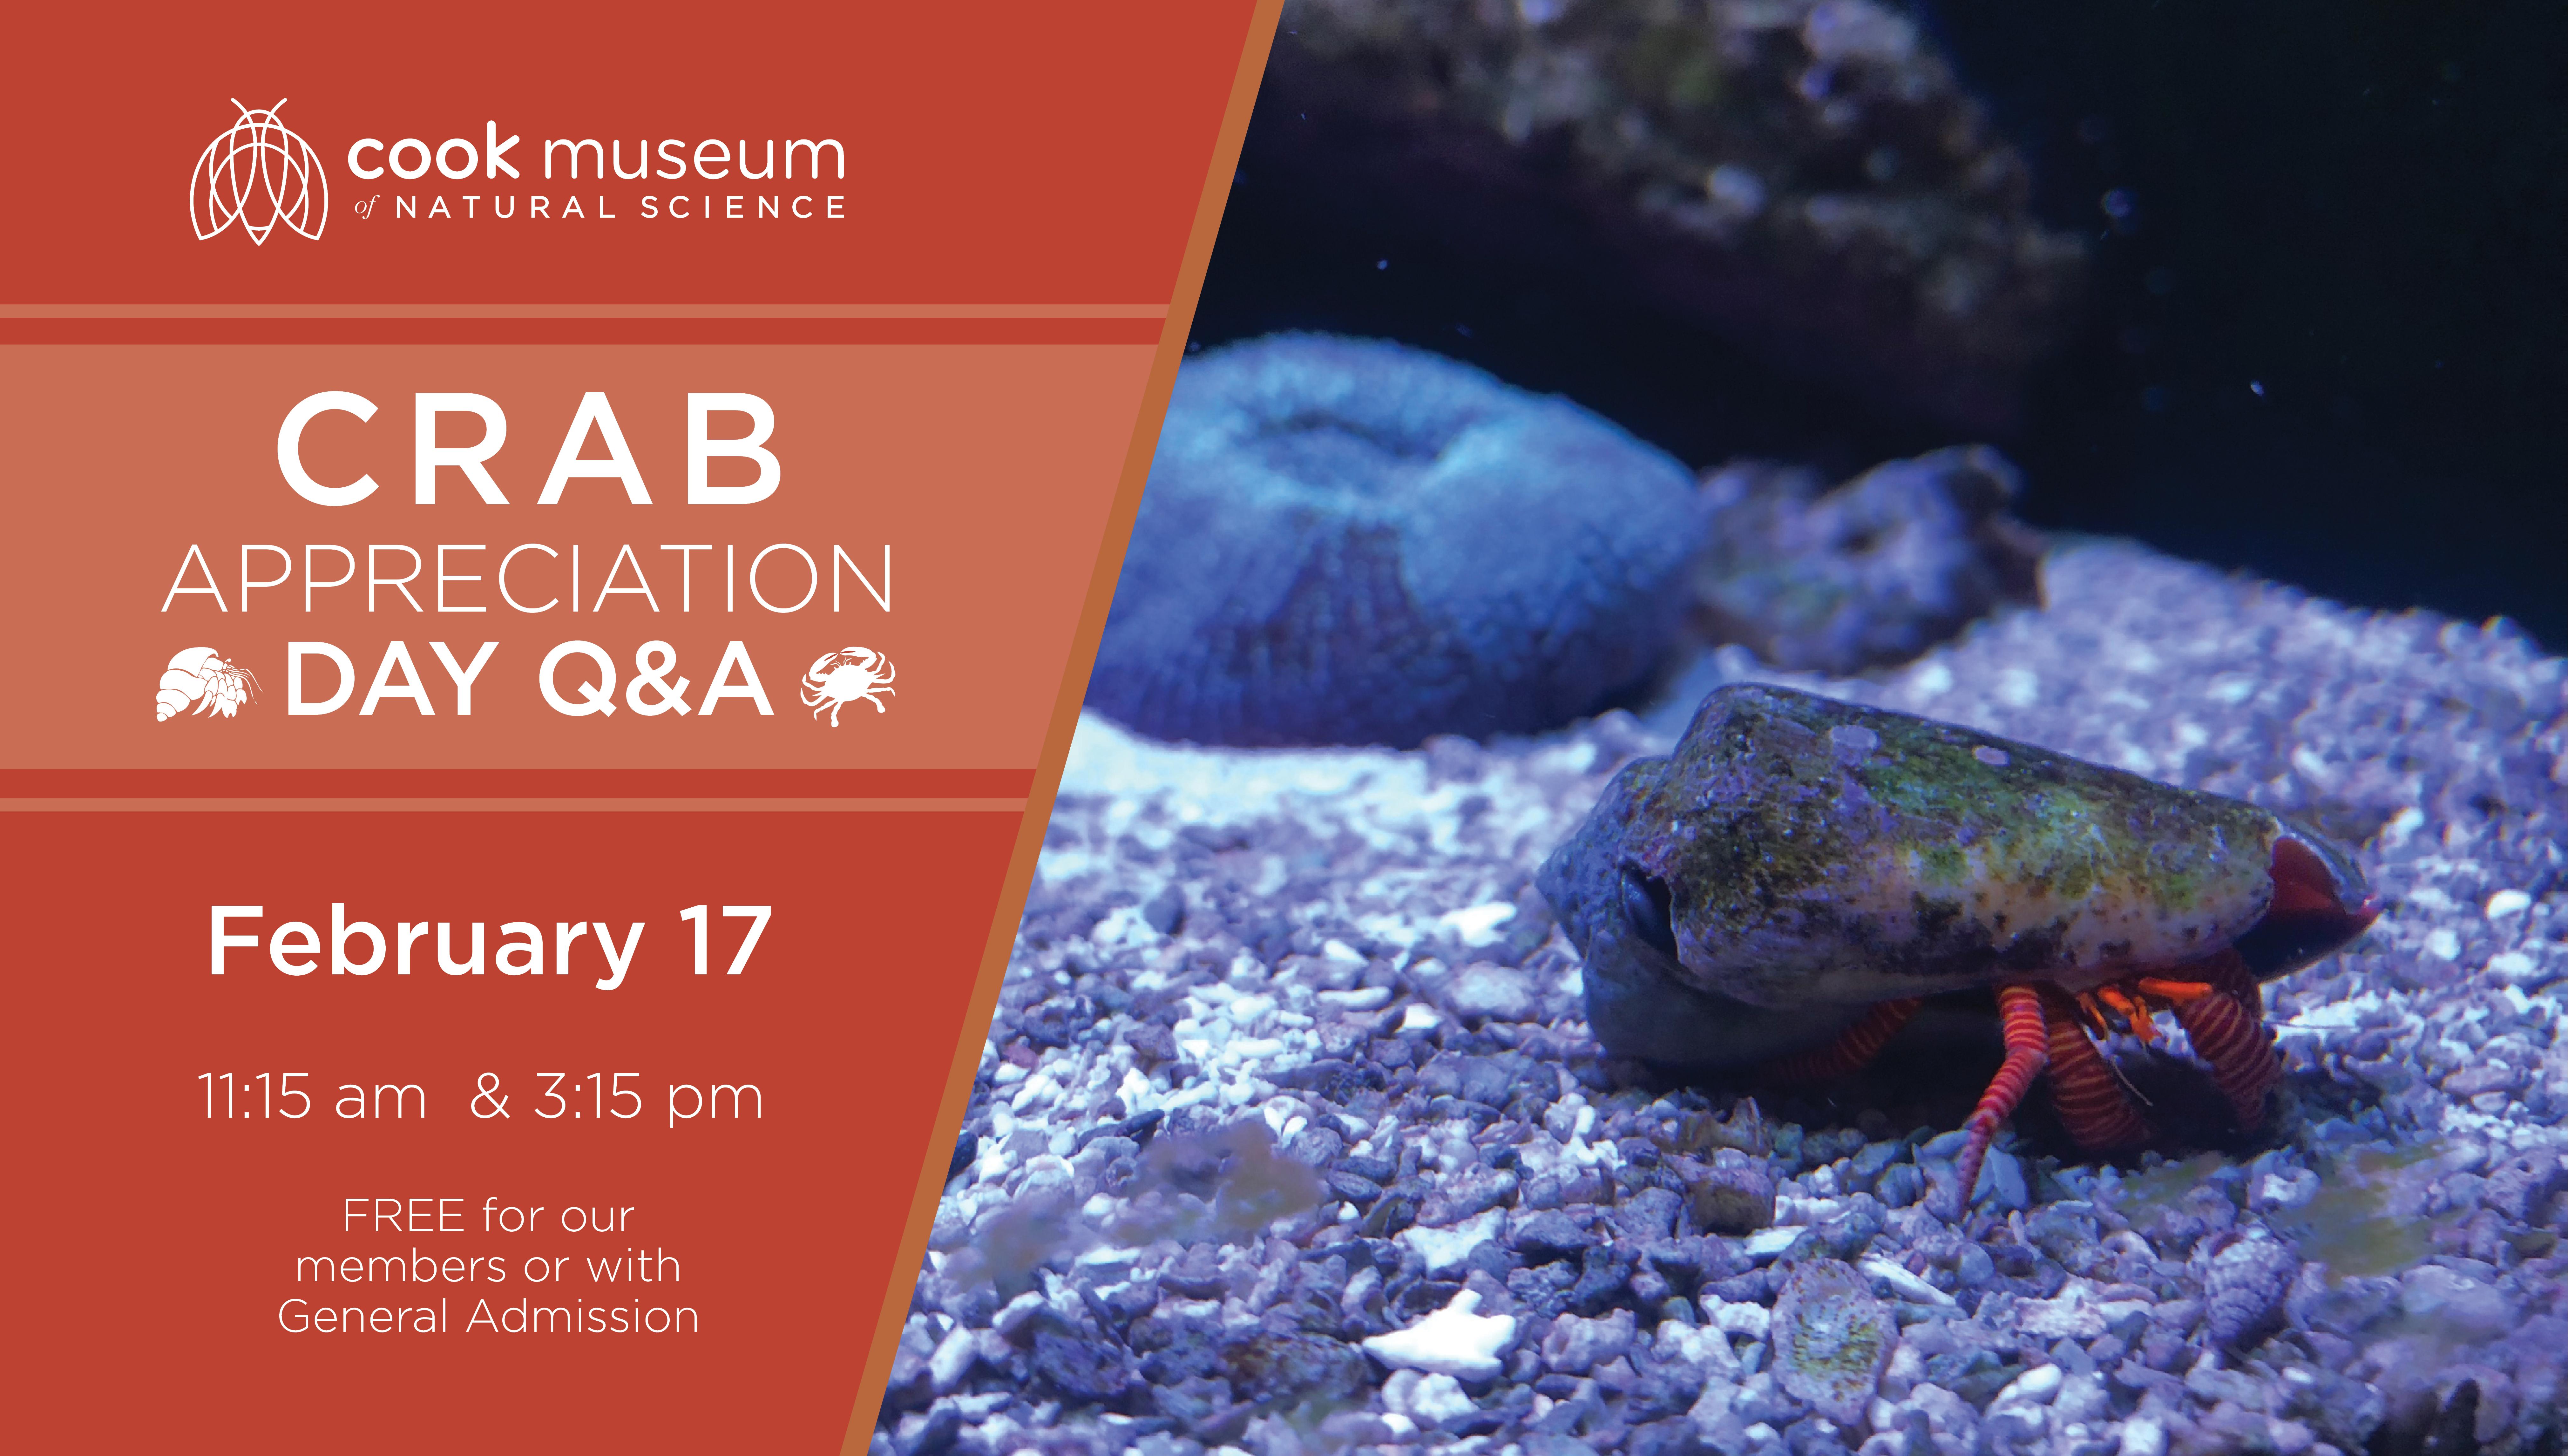 Crab Appreciation Day Q&A